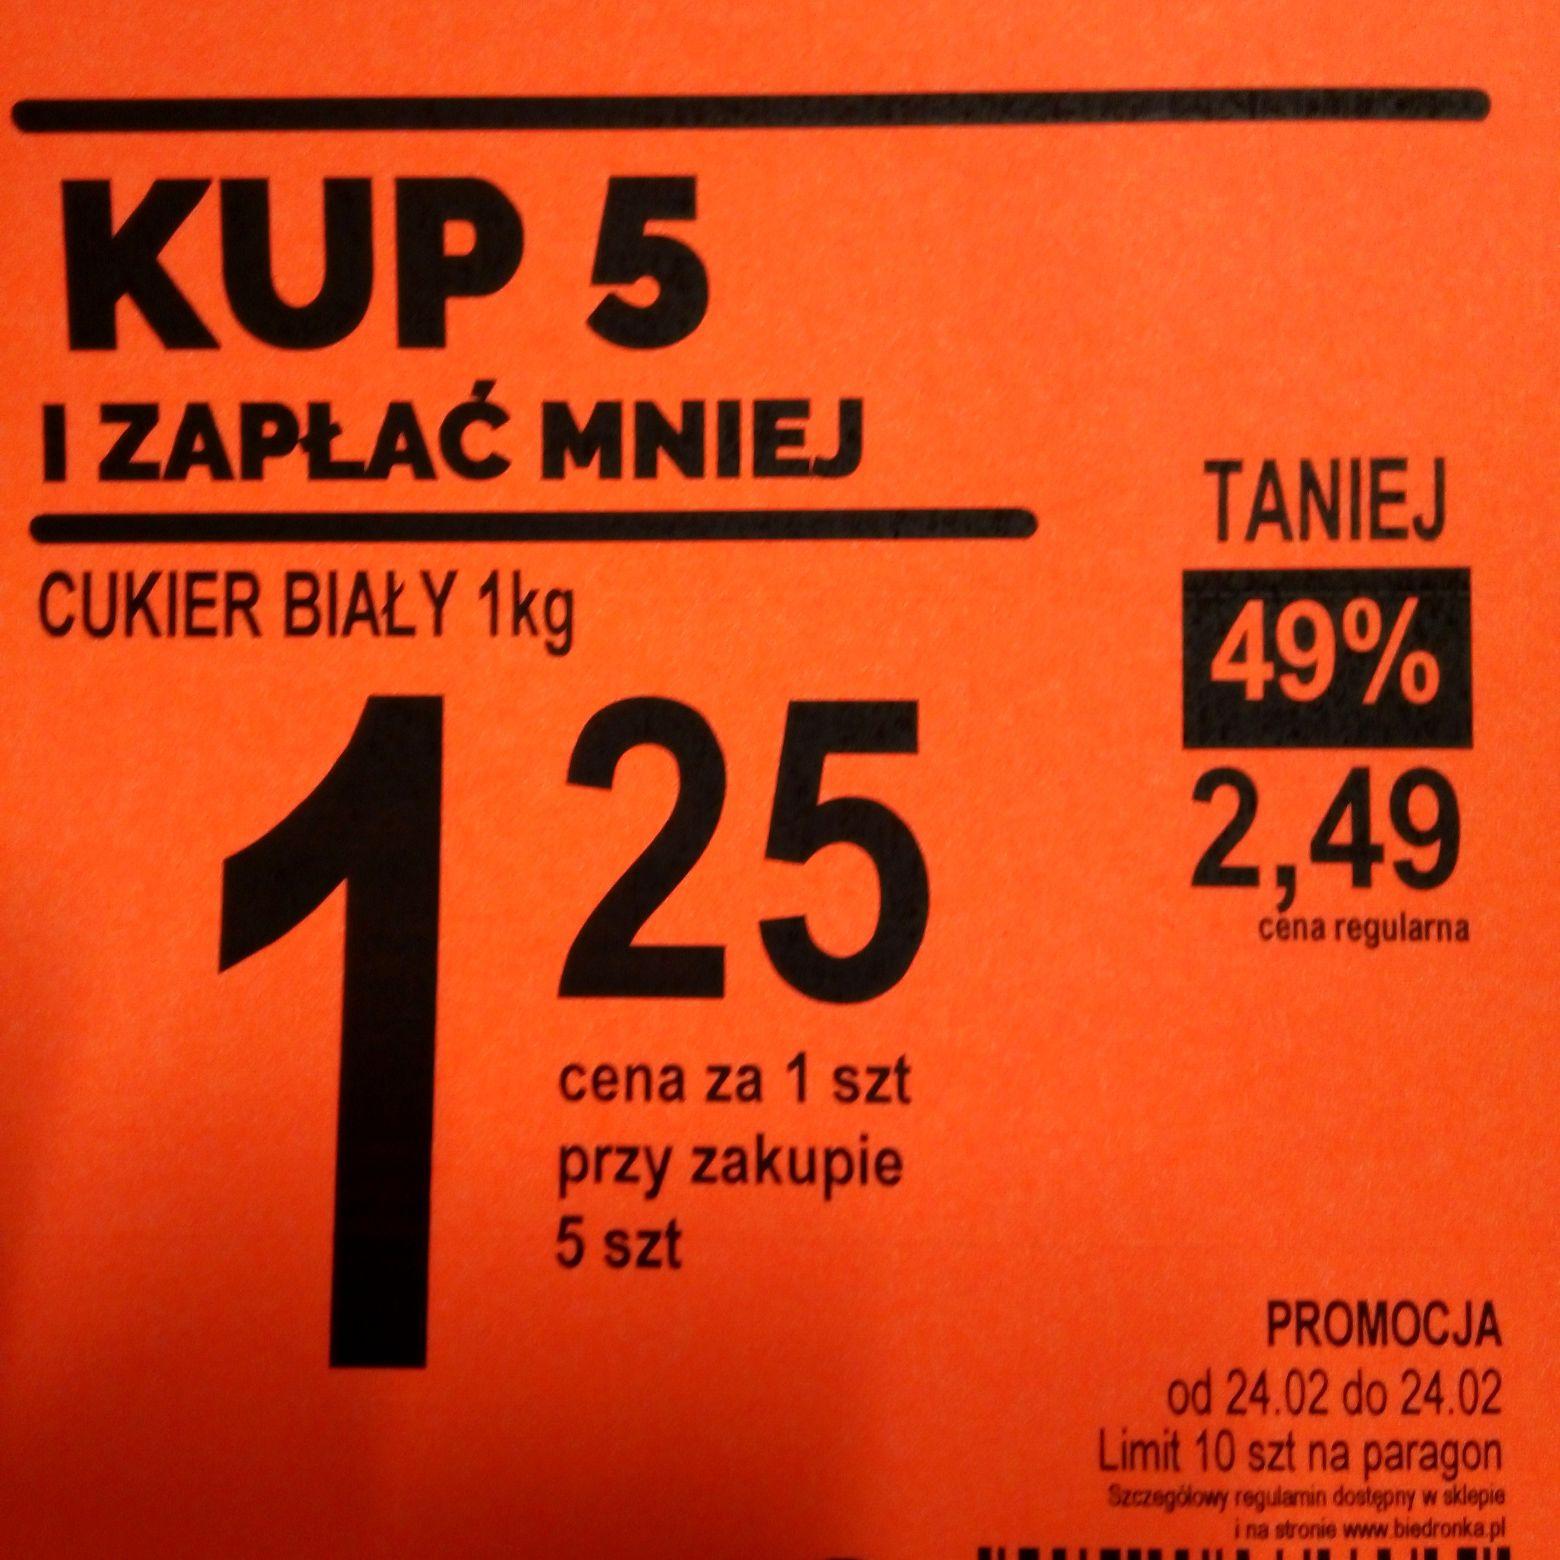 Cukier biały 1kg cena 1,25zl Tylko 24.02.@ biedronka.